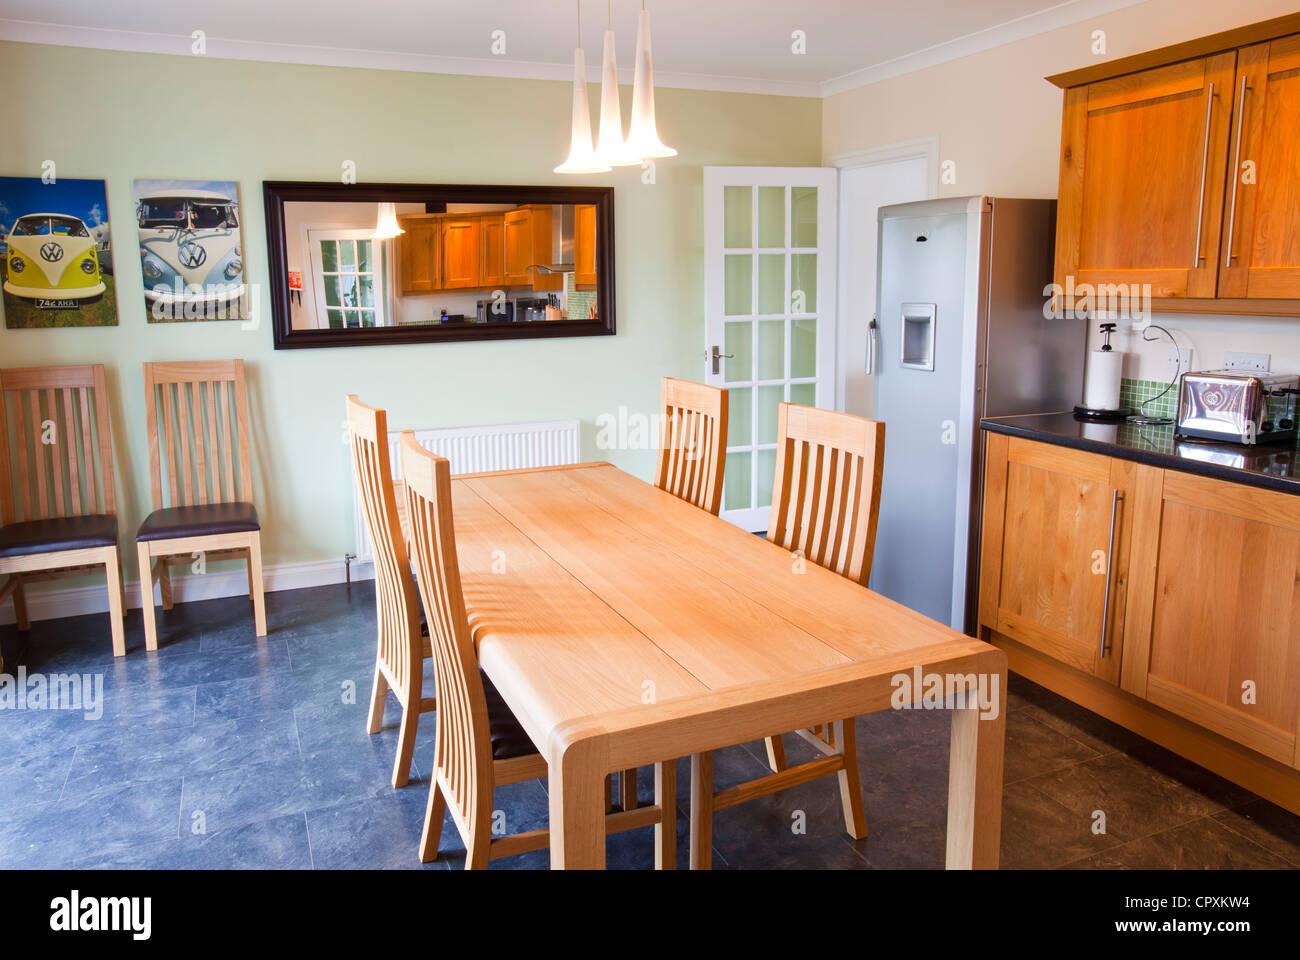 Cottage Kitchen Stockfotos & Cottage Kitchen Bilder - Alamy